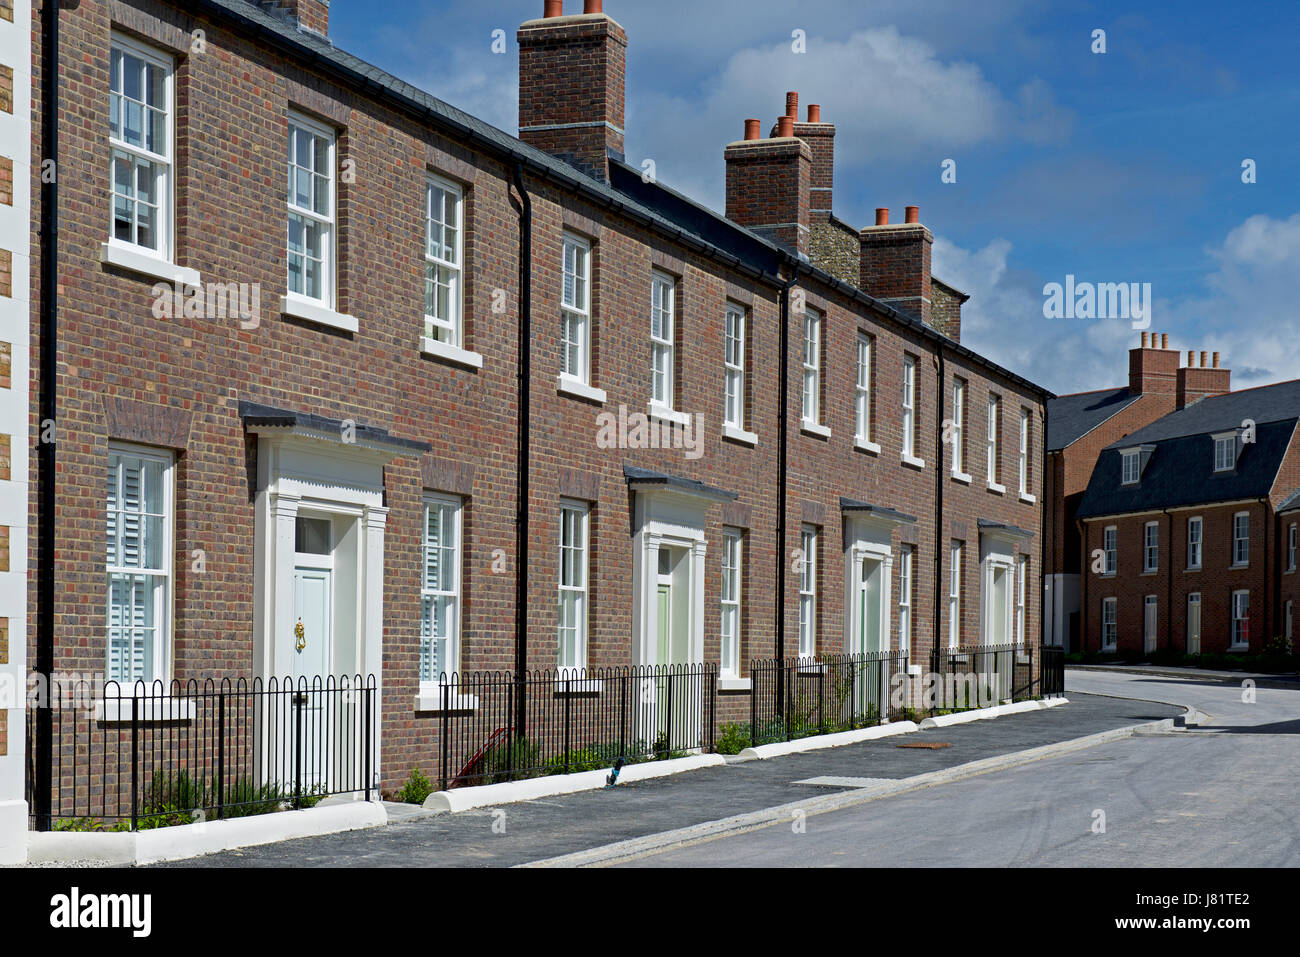 Poundbury, near Dorchester, Dorset, England UK - Stock Image